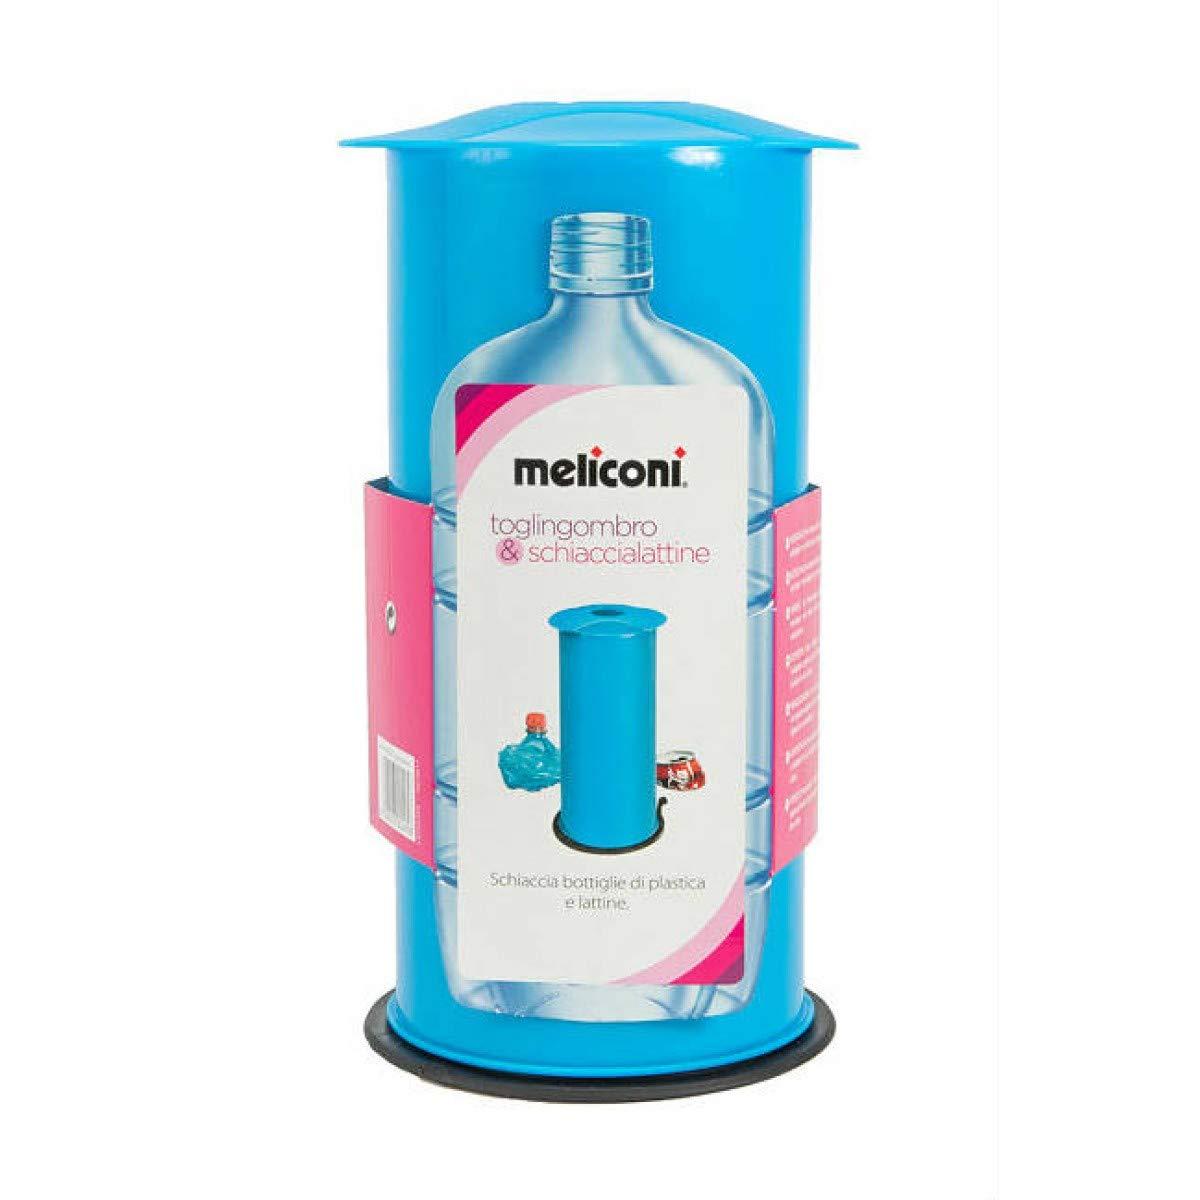 Trituradora de MELICONI Botella y puede